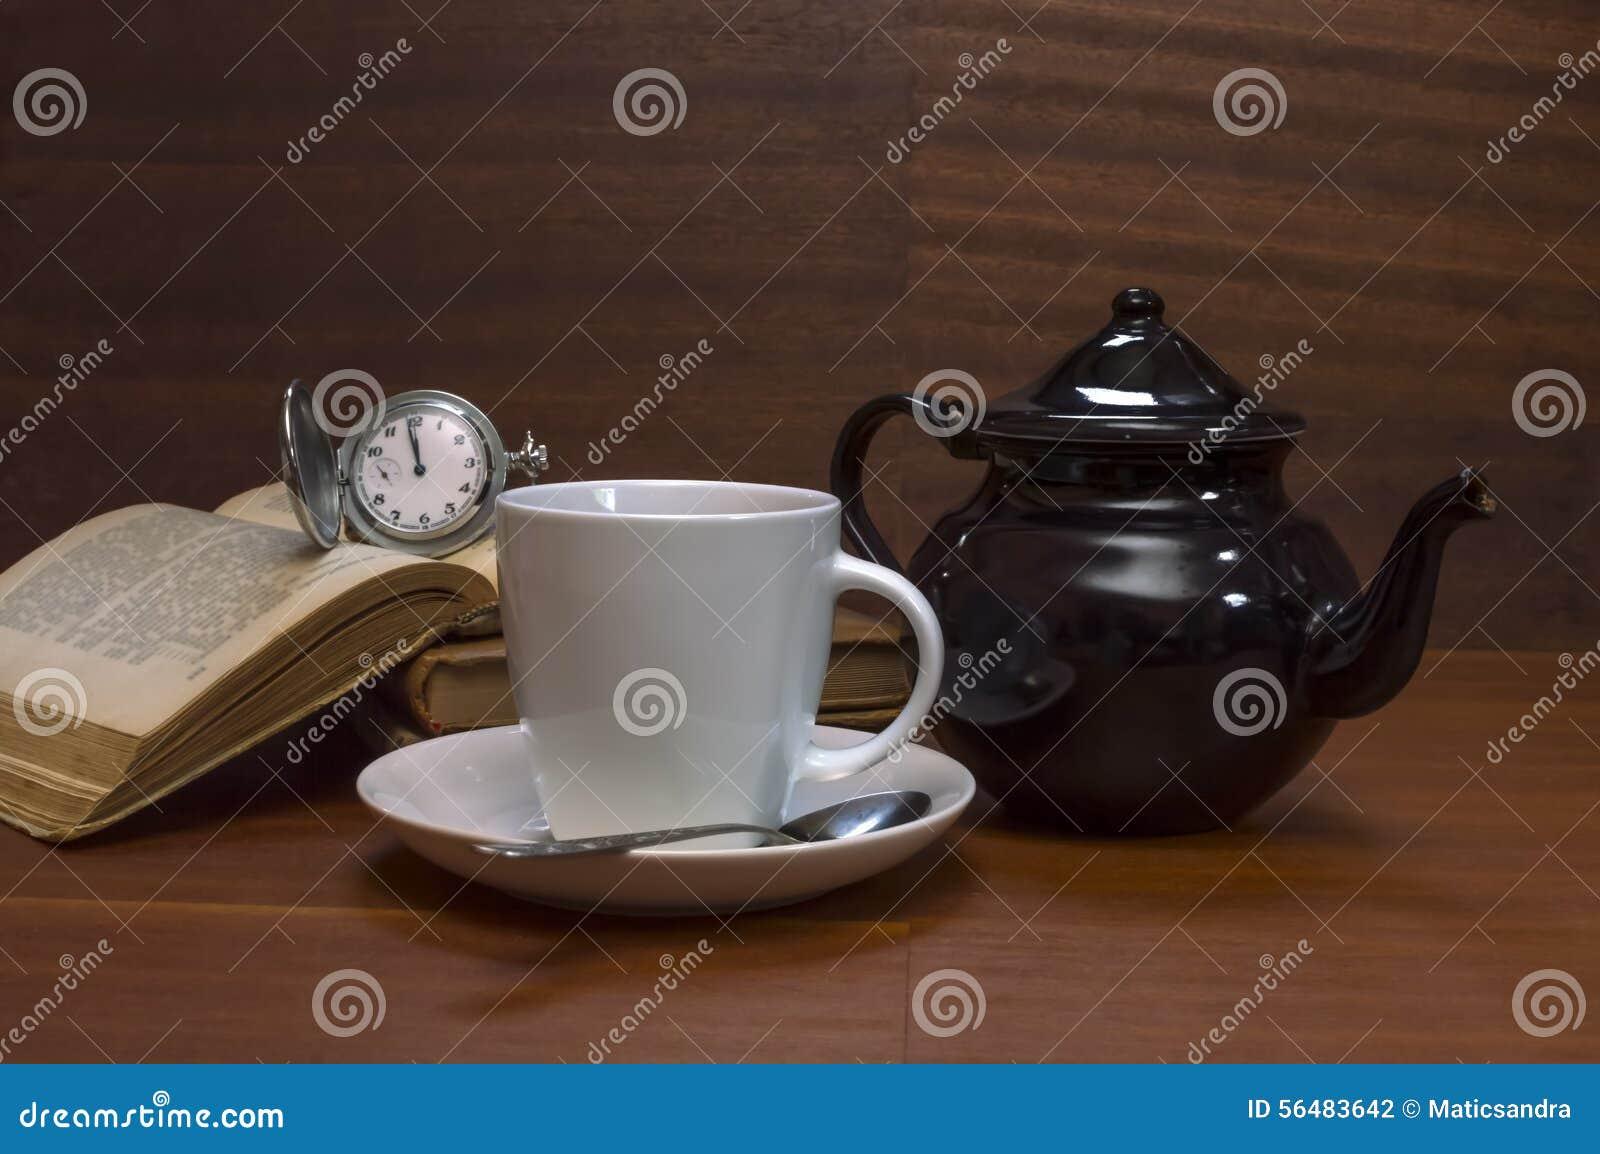 Tasses de thé avec la théière, les livres et la vieille montre de poche sur la table en bois